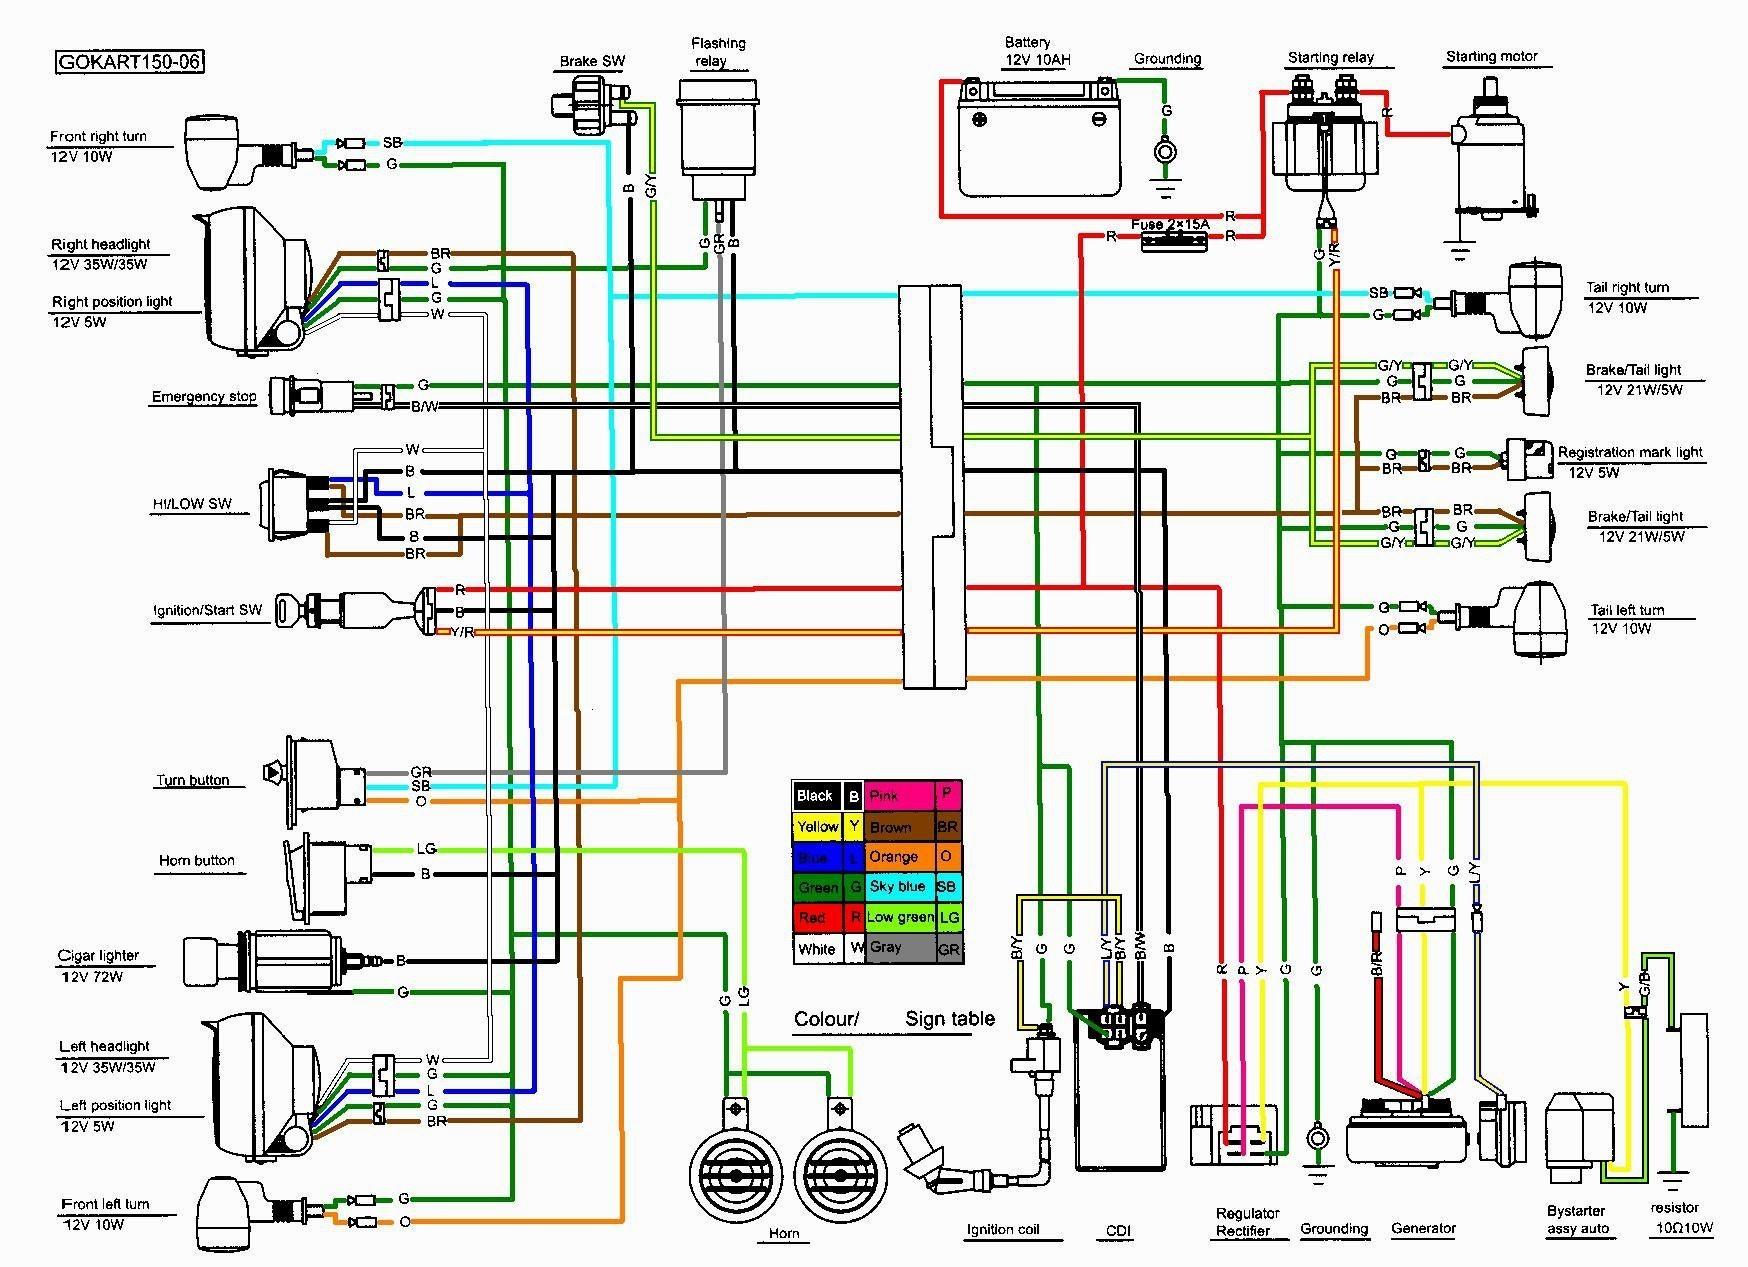 Go Kart Wire Schematic Wiring Diagram Today Go Kart Wiring Diagram Go Kart Wire Schematic